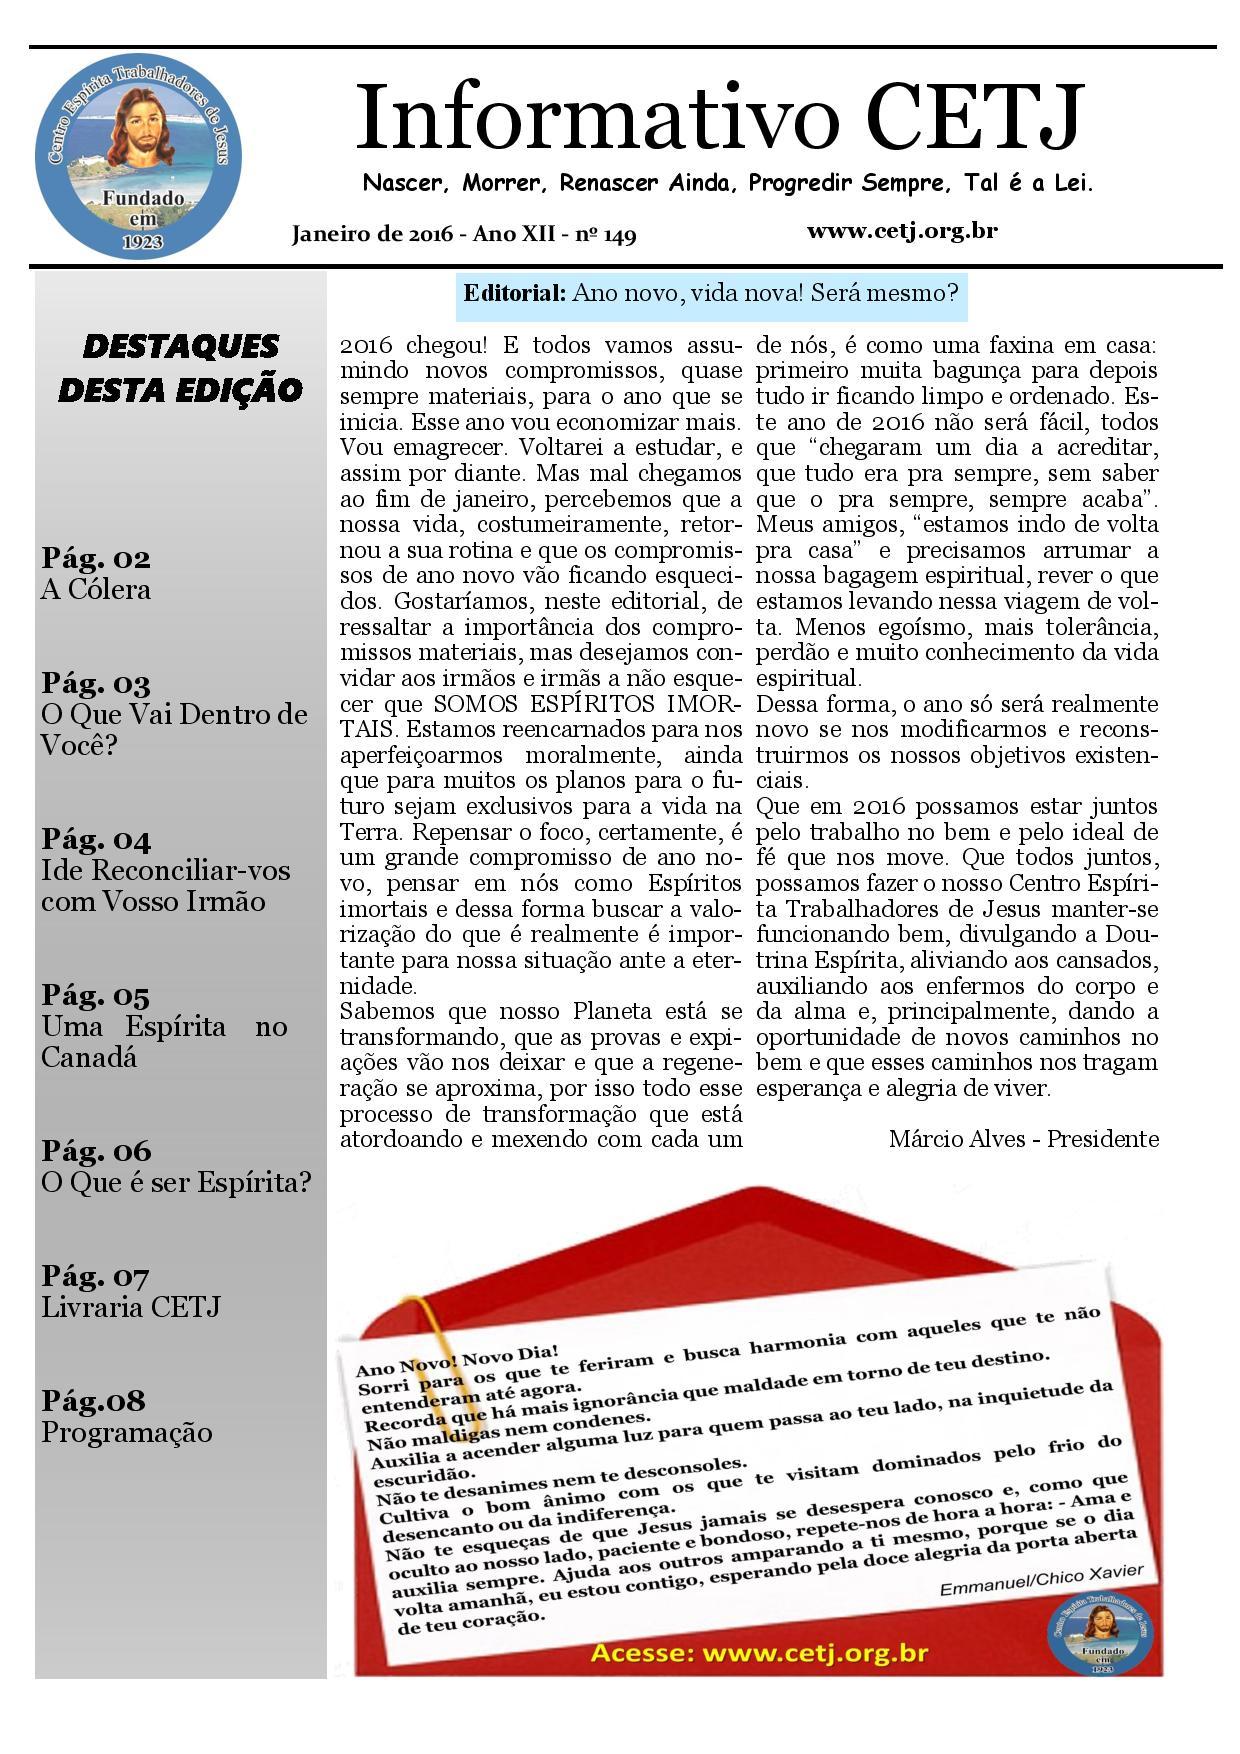 Informativo janeiro de 2016_net-page-001